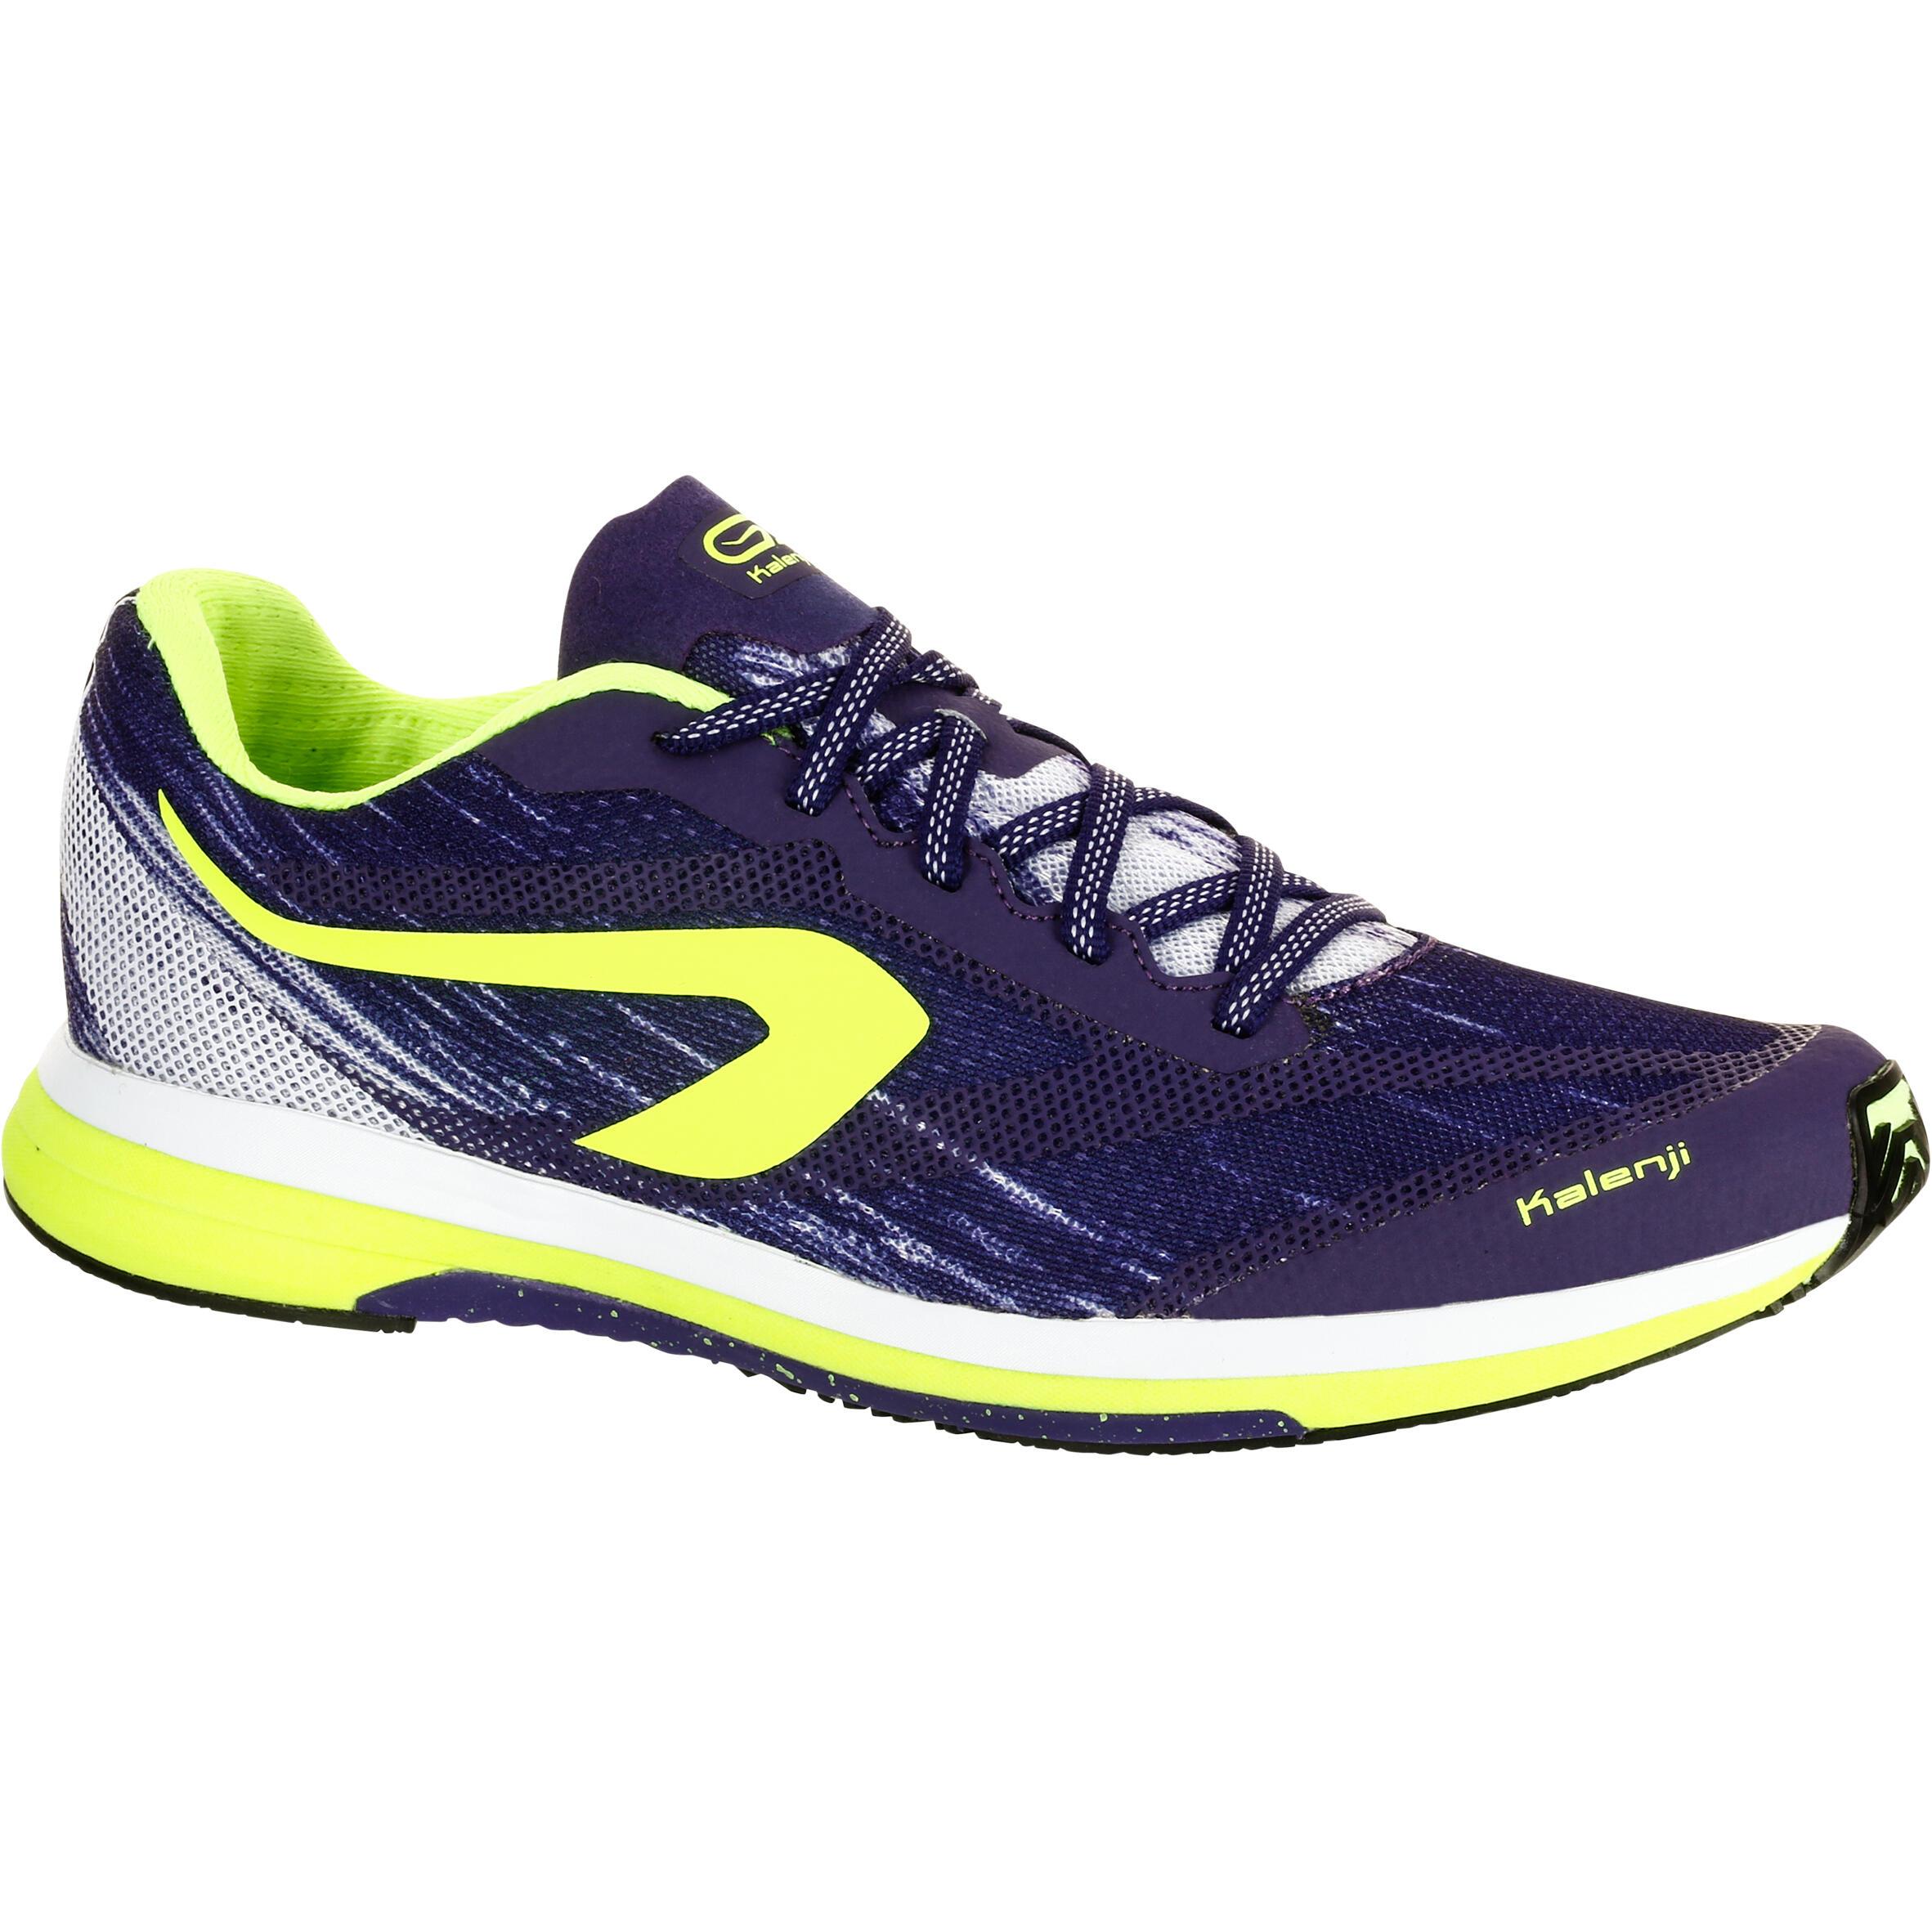 d453087f110 Comprar zapatillas de cross y atletismo